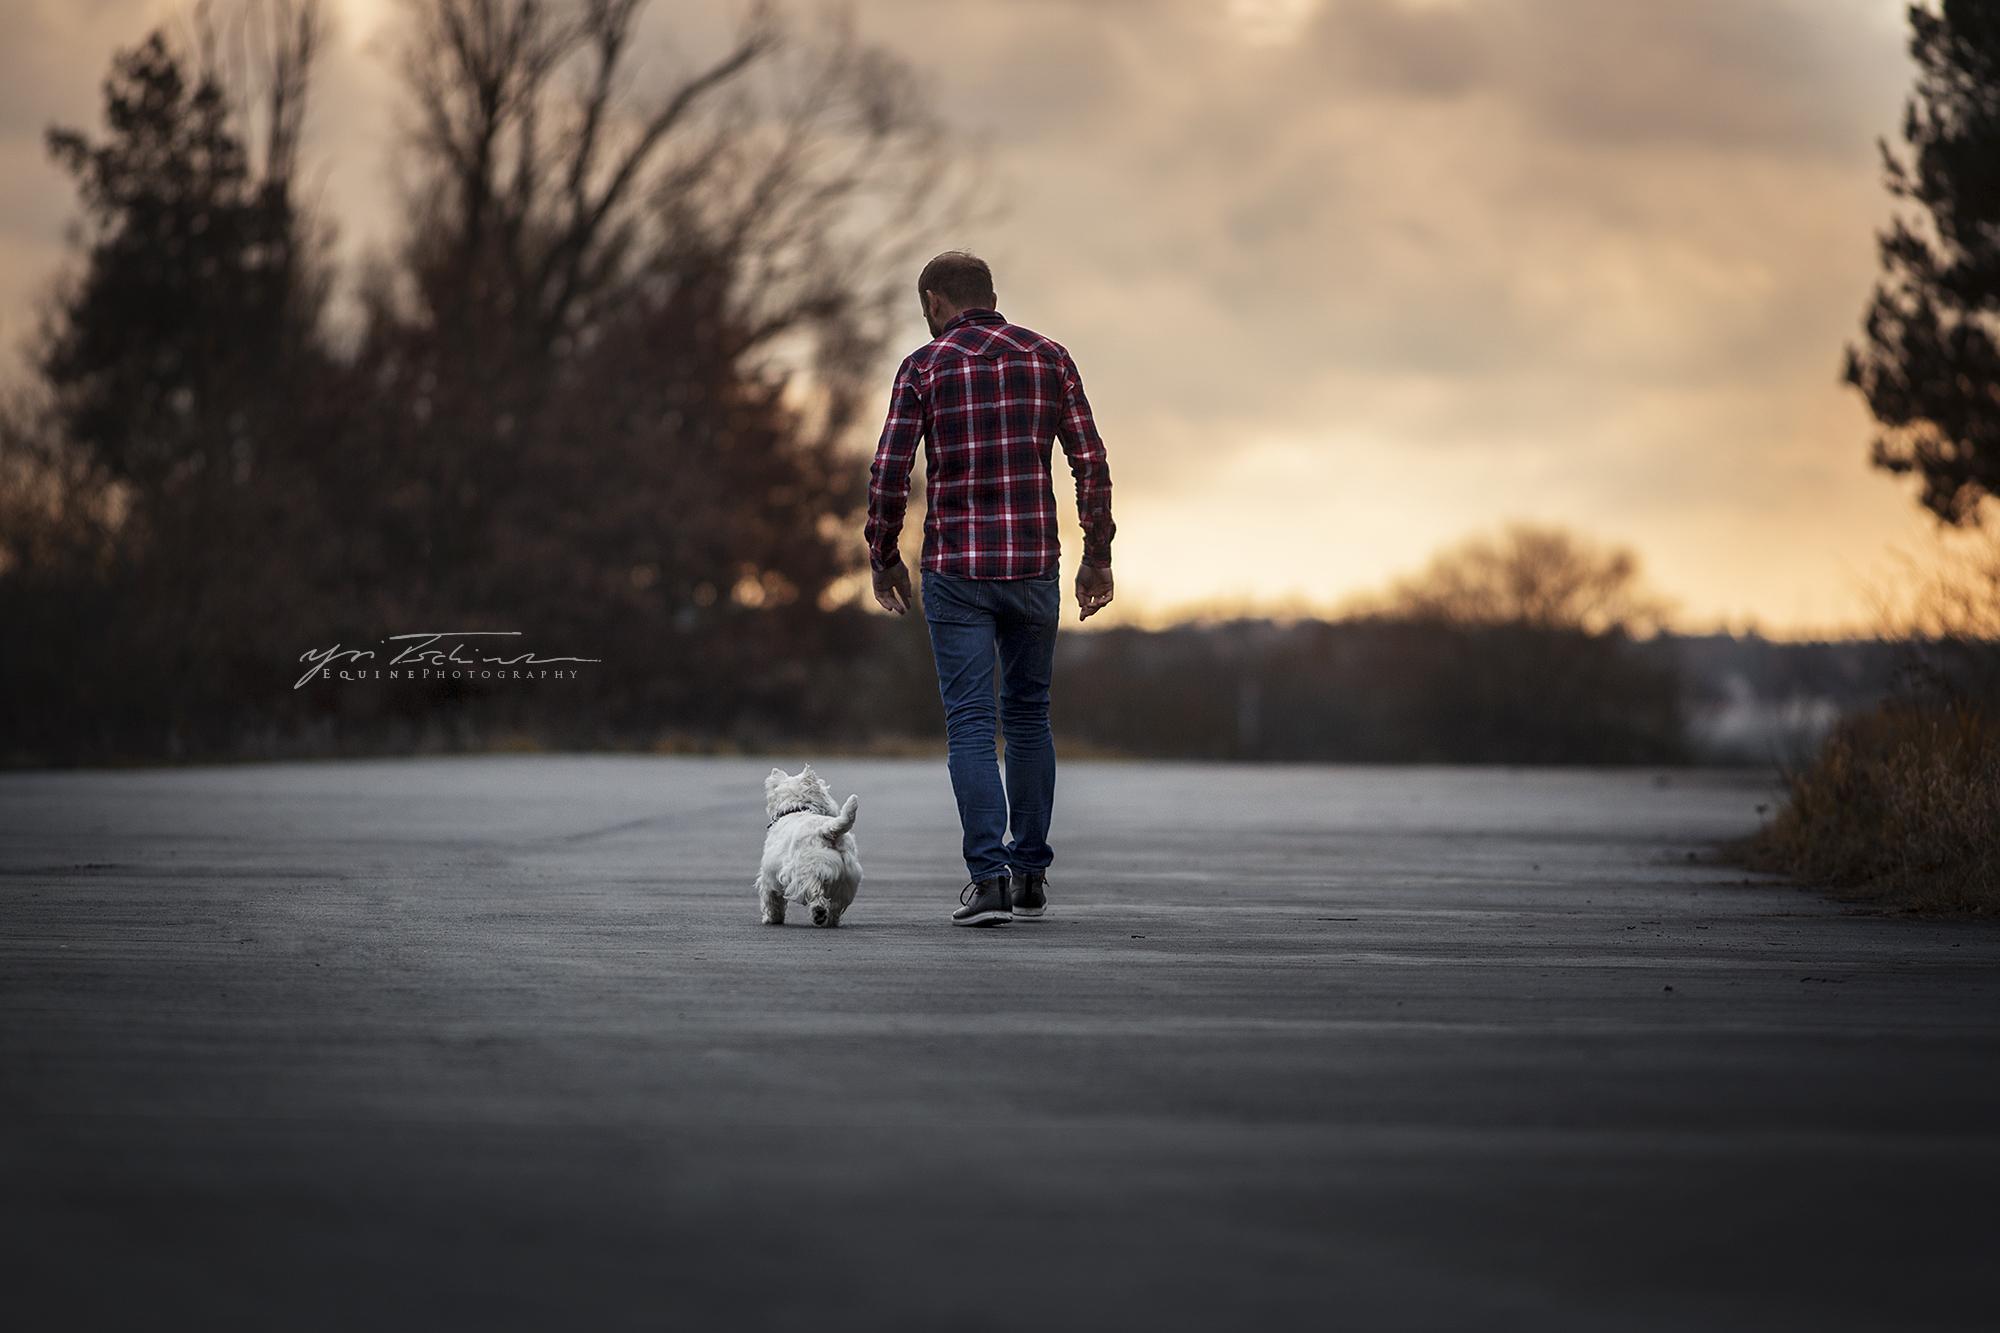 Hund und Halter gemeinsam unterwegs